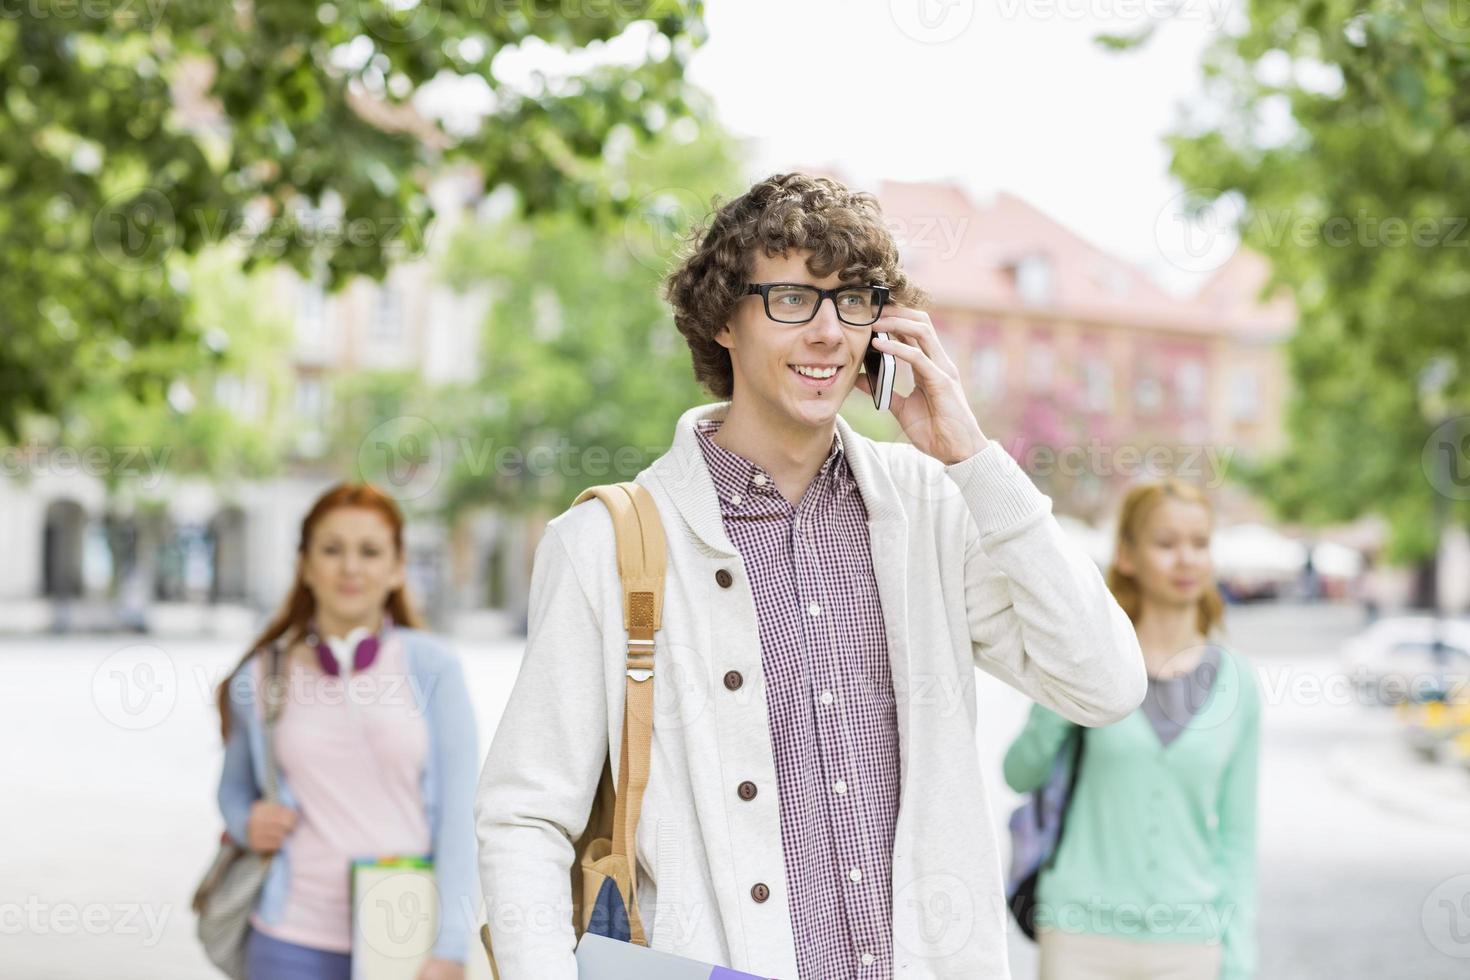 lächelnder junger männlicher Student, der Handy mit Freunden benutzt foto